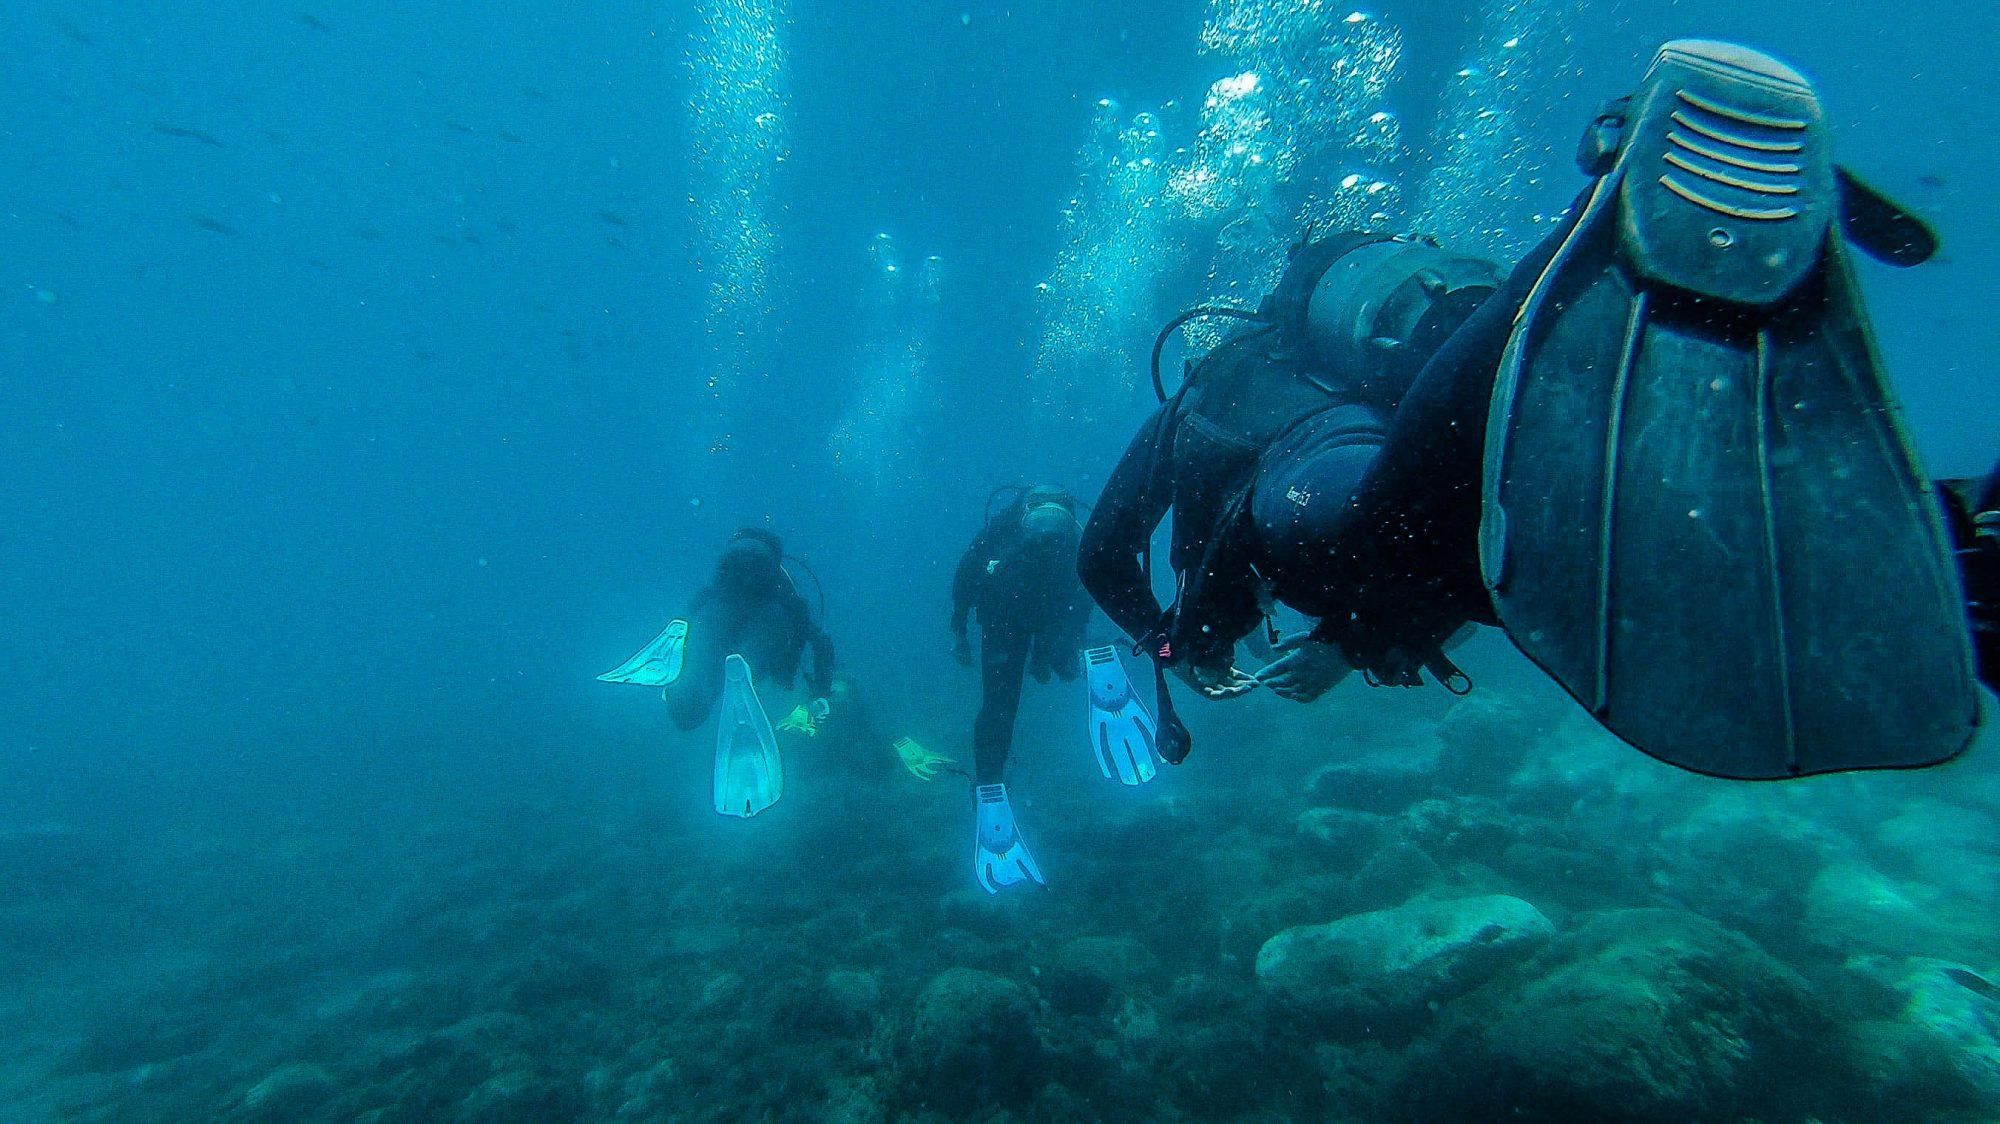 Cortège sous marin - Marina del Este, La Herradura, Espagne